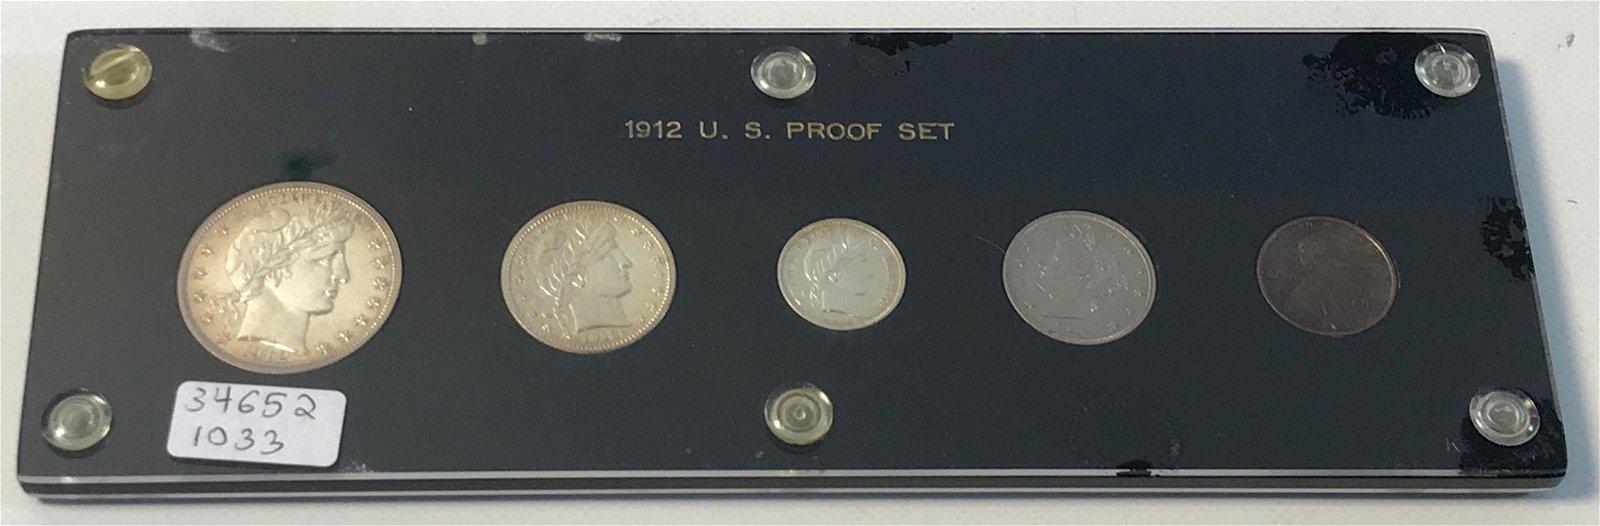 1912 U.S. PROOF SET